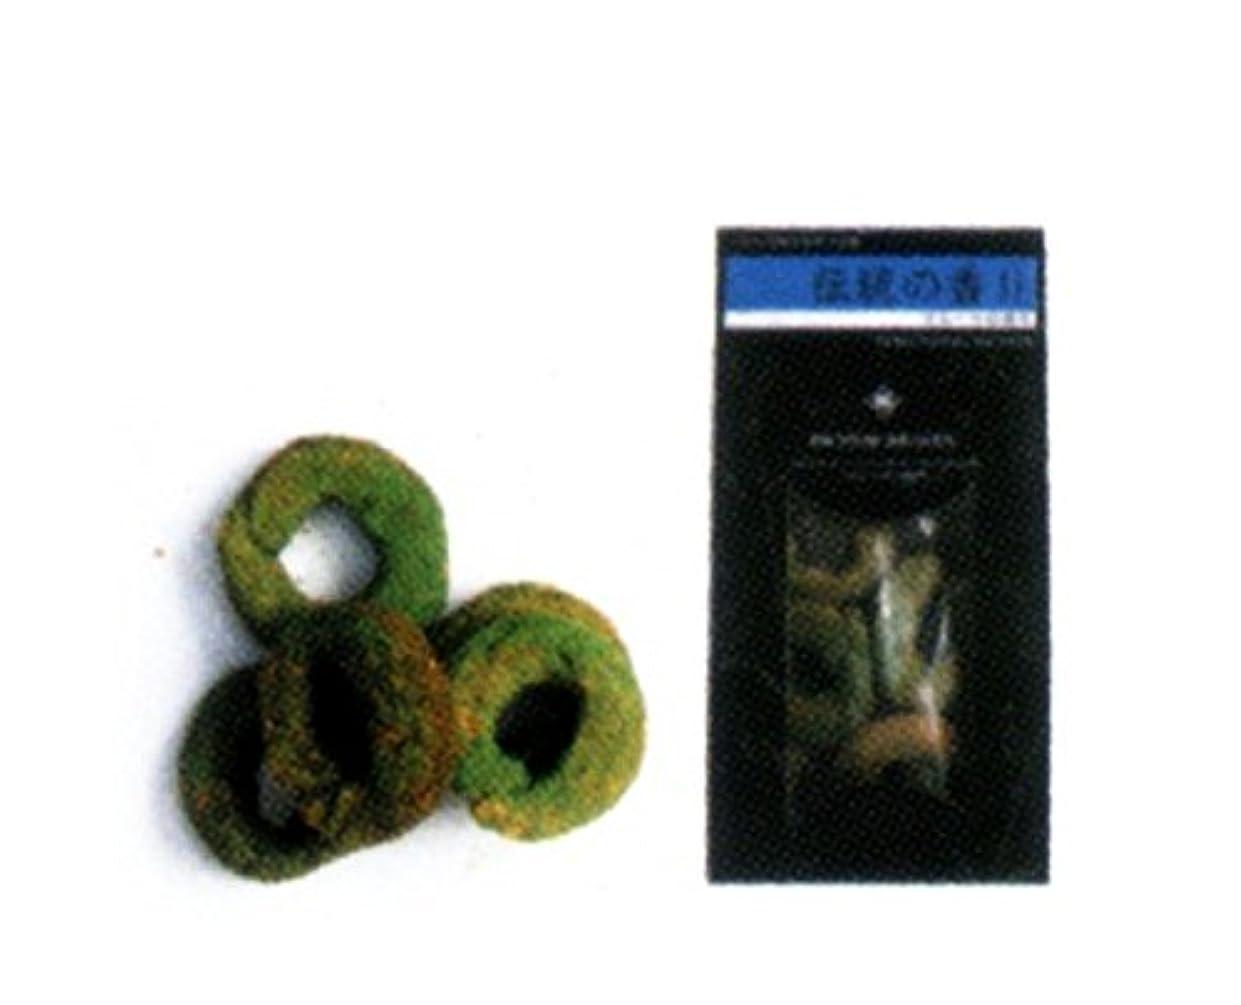 処方する裕福な忍耐インセンスヘブン(100%天然手作りのお香) 伝統の香り